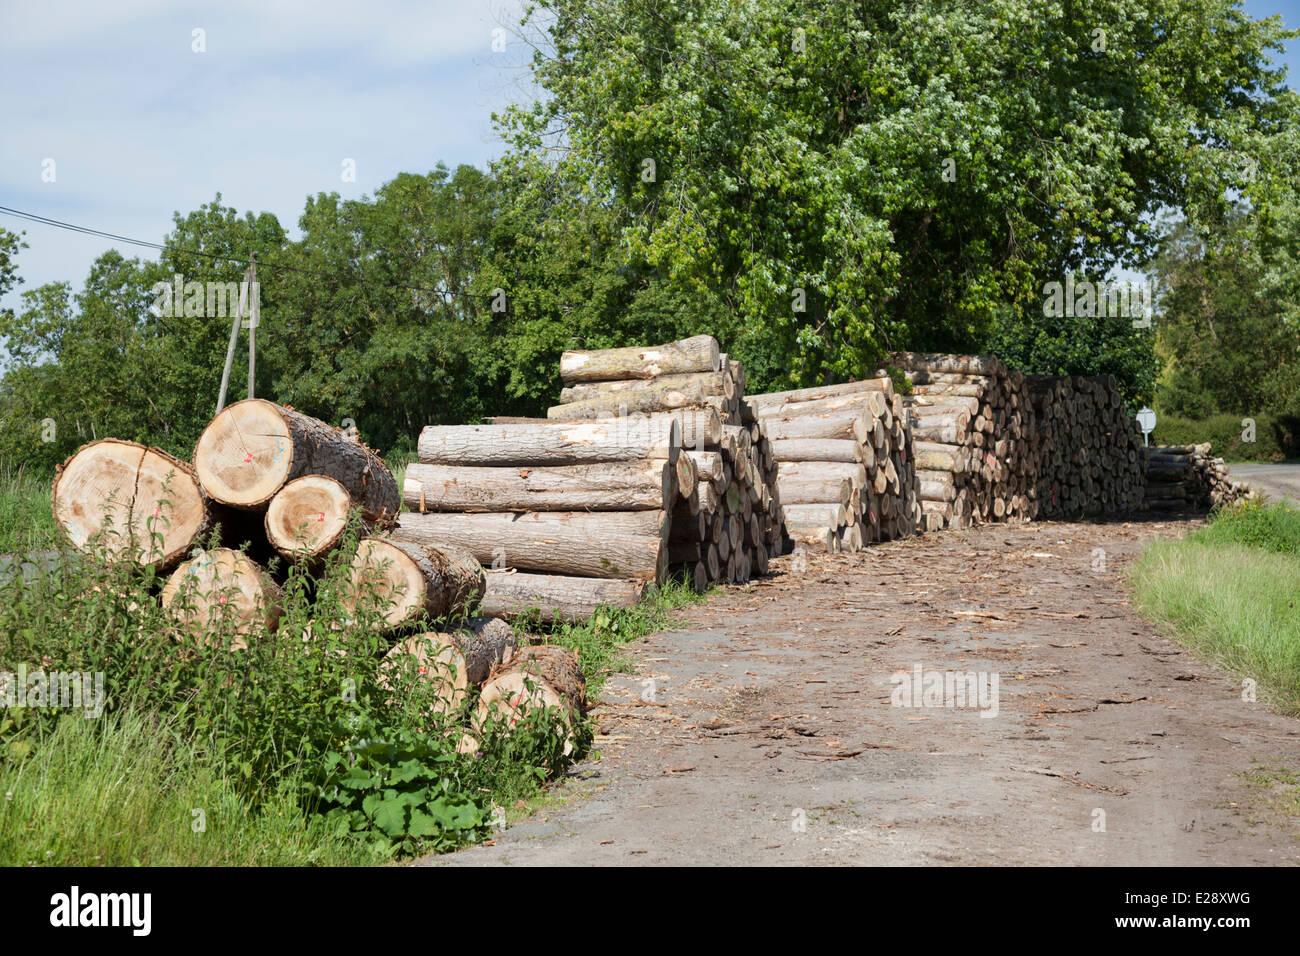 A temporary storage of poplar boles in the Poitevin Marsh (France). Stockage de troncs de peupliers dans le Marais - Stock Image